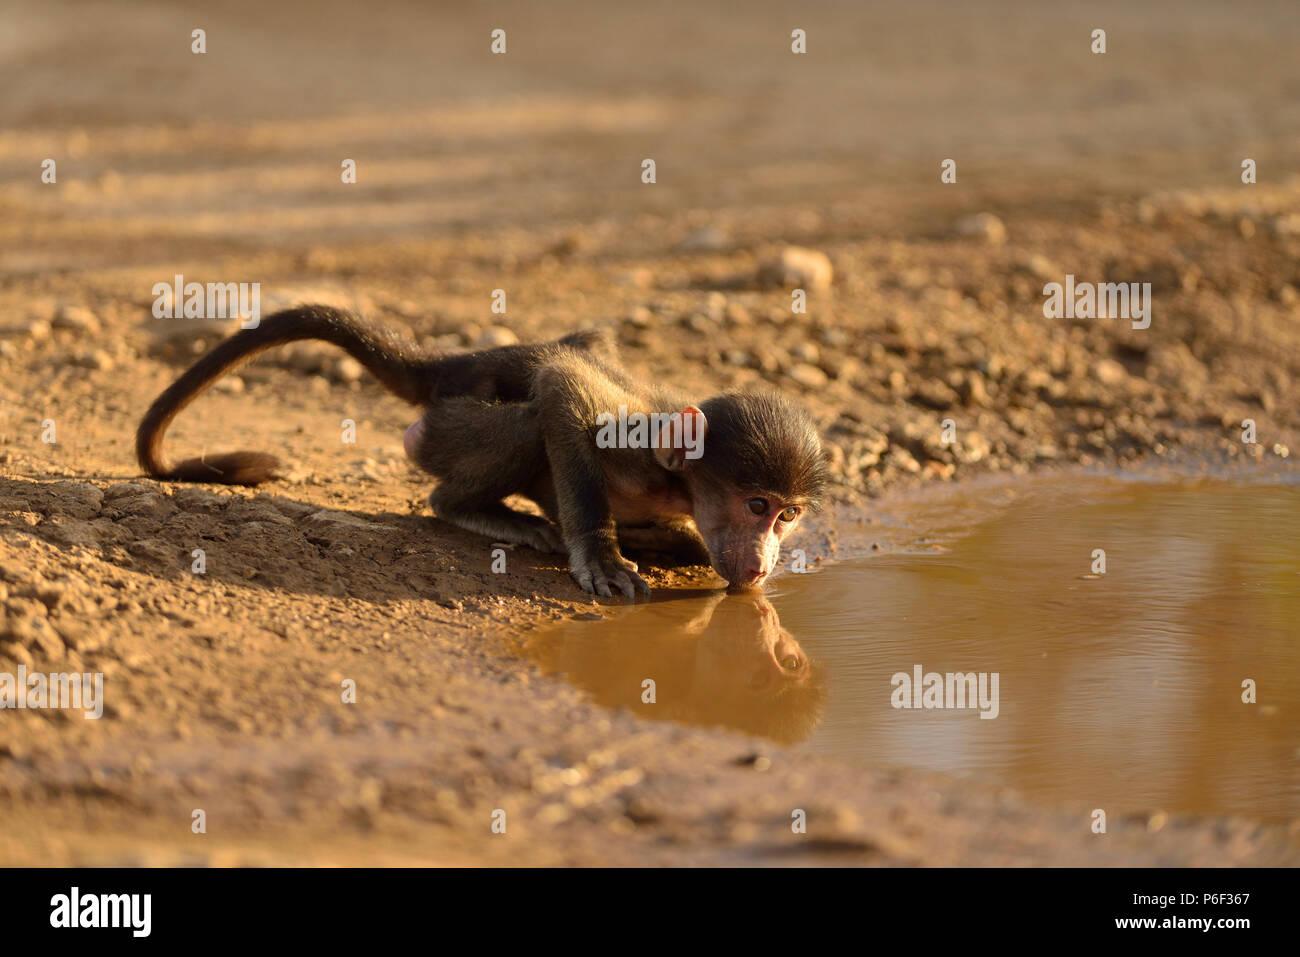 Bebé babuino de beber agua de un estanque Imagen De Stock